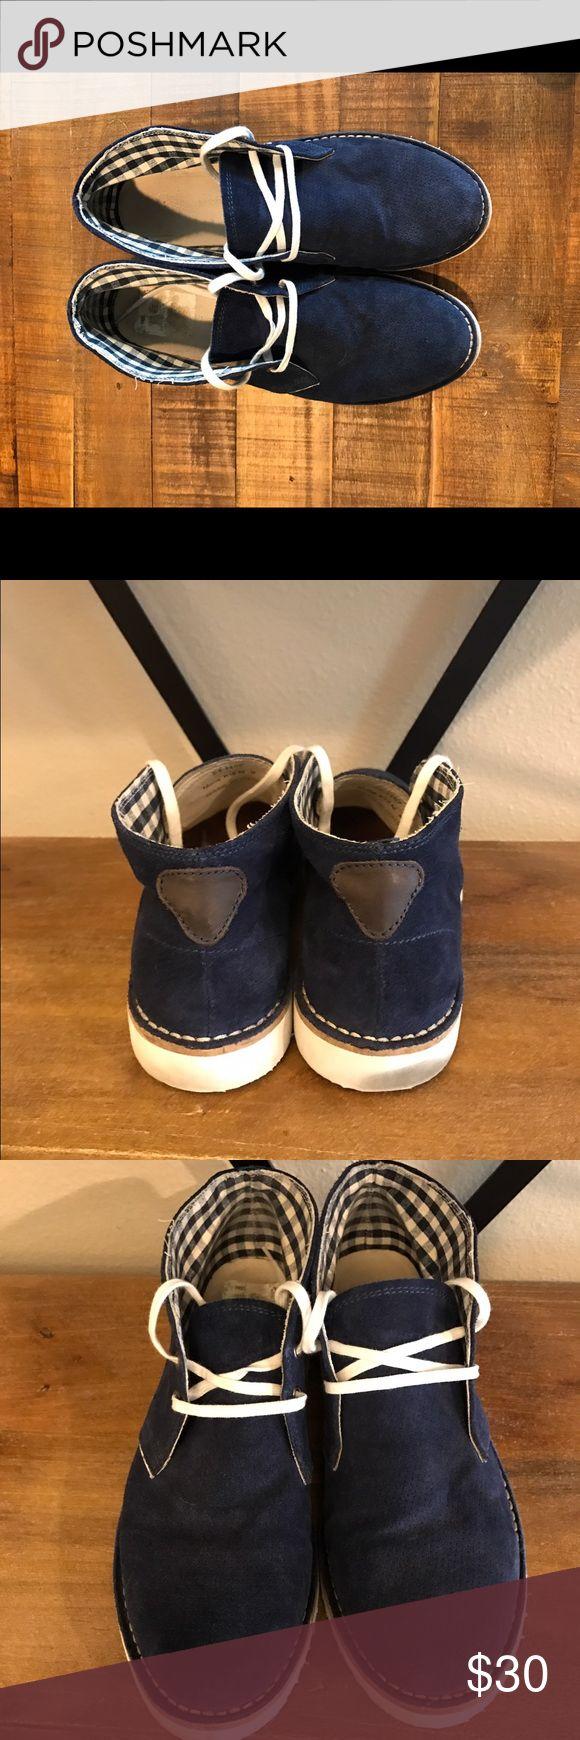 Johnston & Murphy Blue Chukka Boots Blue chukka boots in need of new home! Johnston & Murphy Shoes Chukka Boots